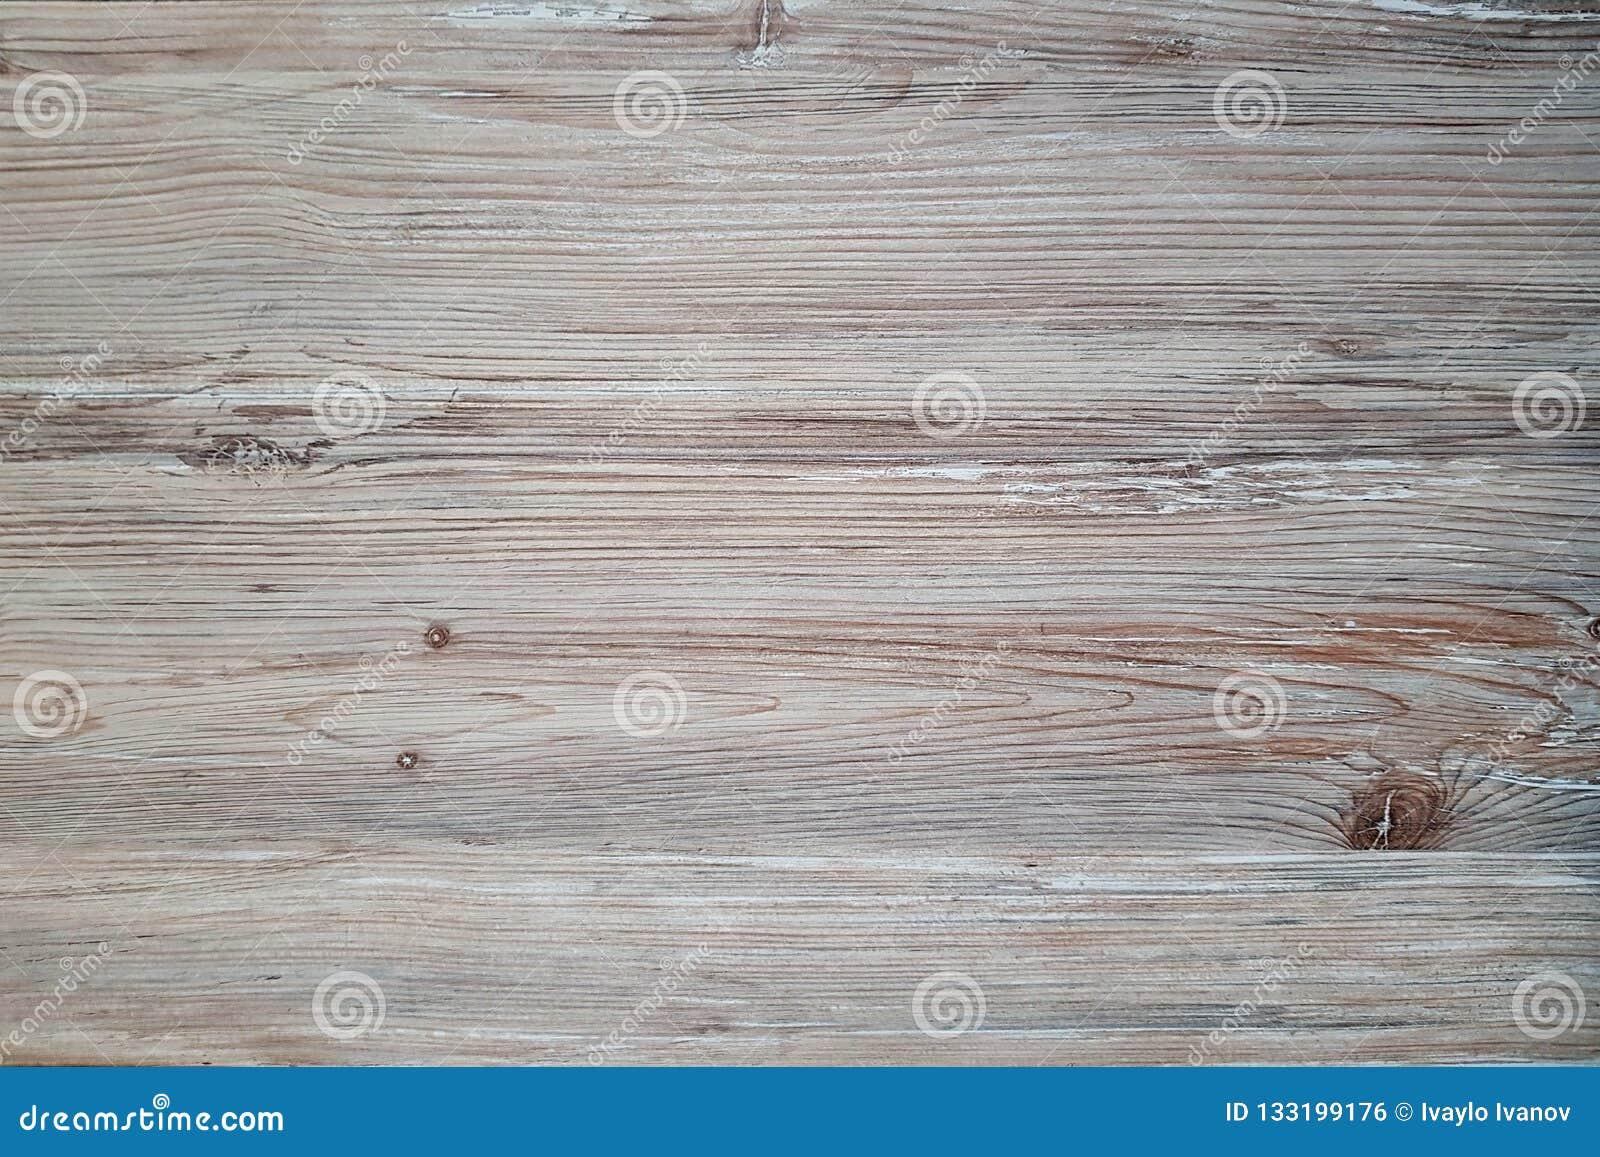 Drewniana tekstura, abstrakcjonistyczny drewniany tło